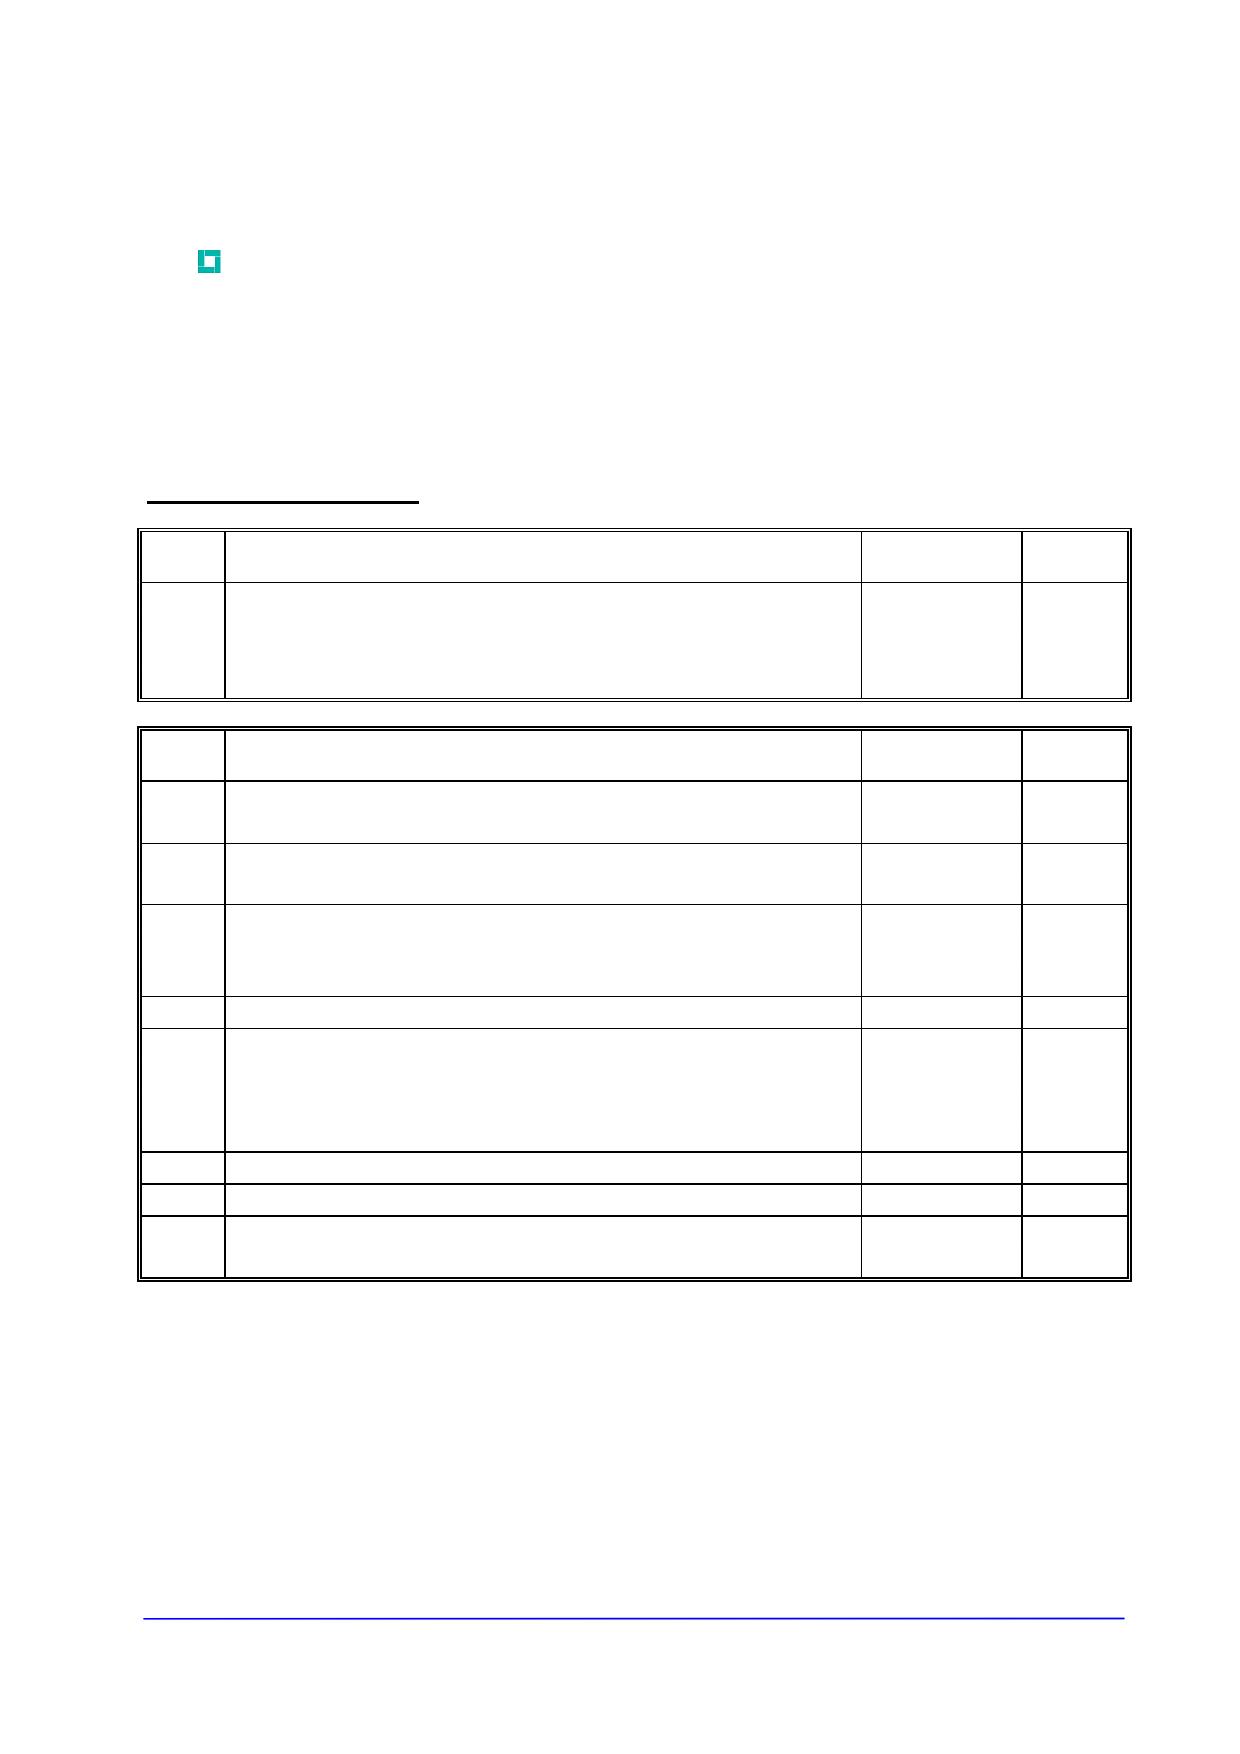 G1000NC450 datasheet